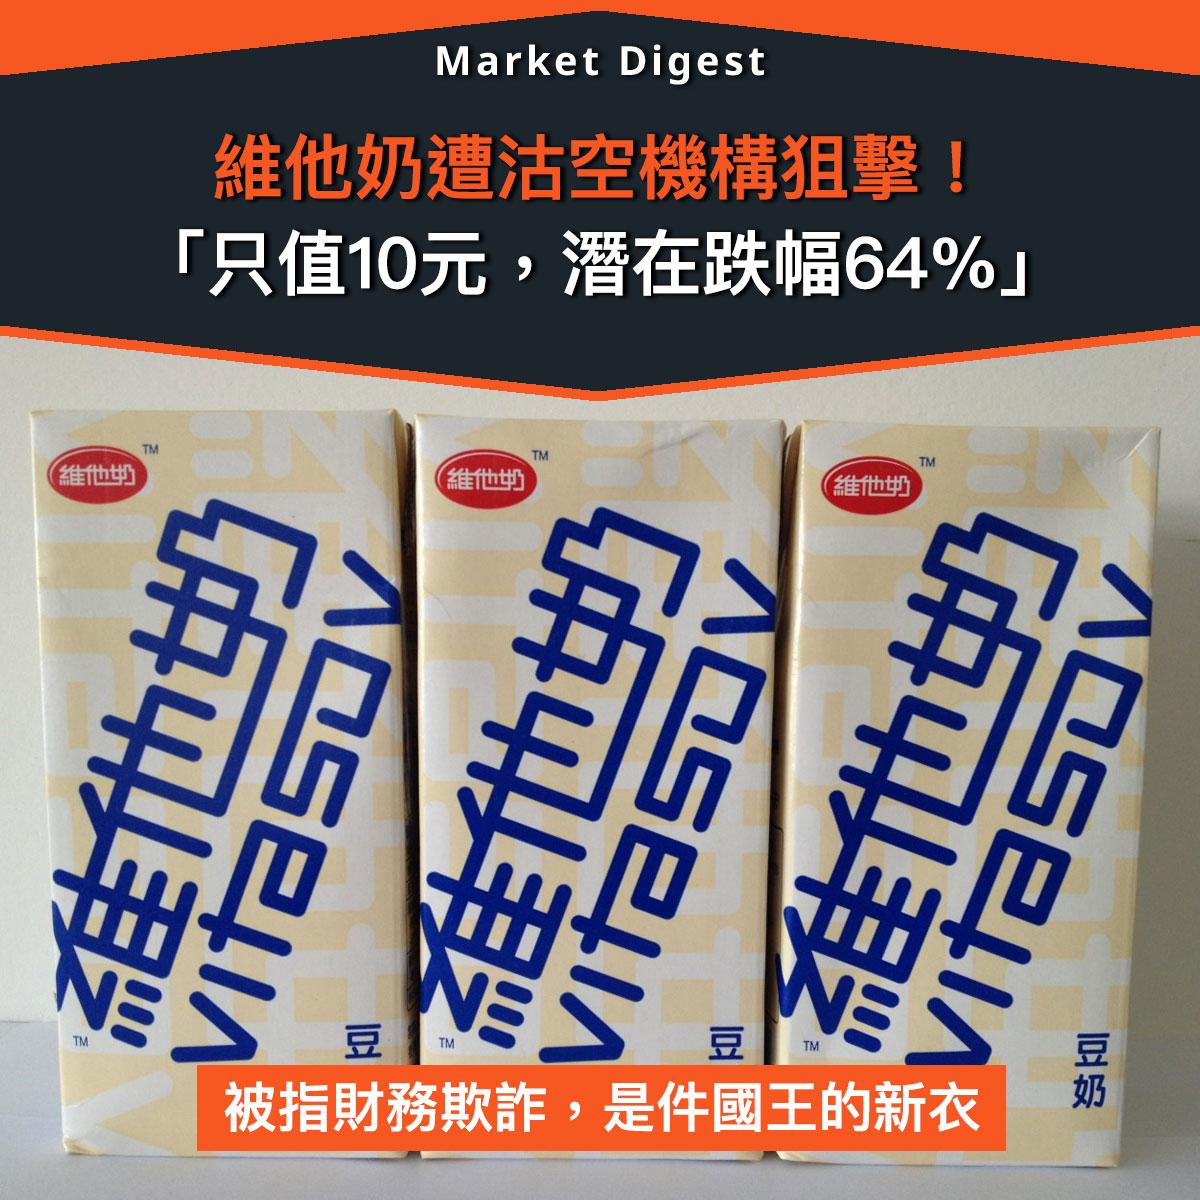 【市場熱話】維他奶遭沽空機構狙擊!「只值10元,潛在跌幅64%」